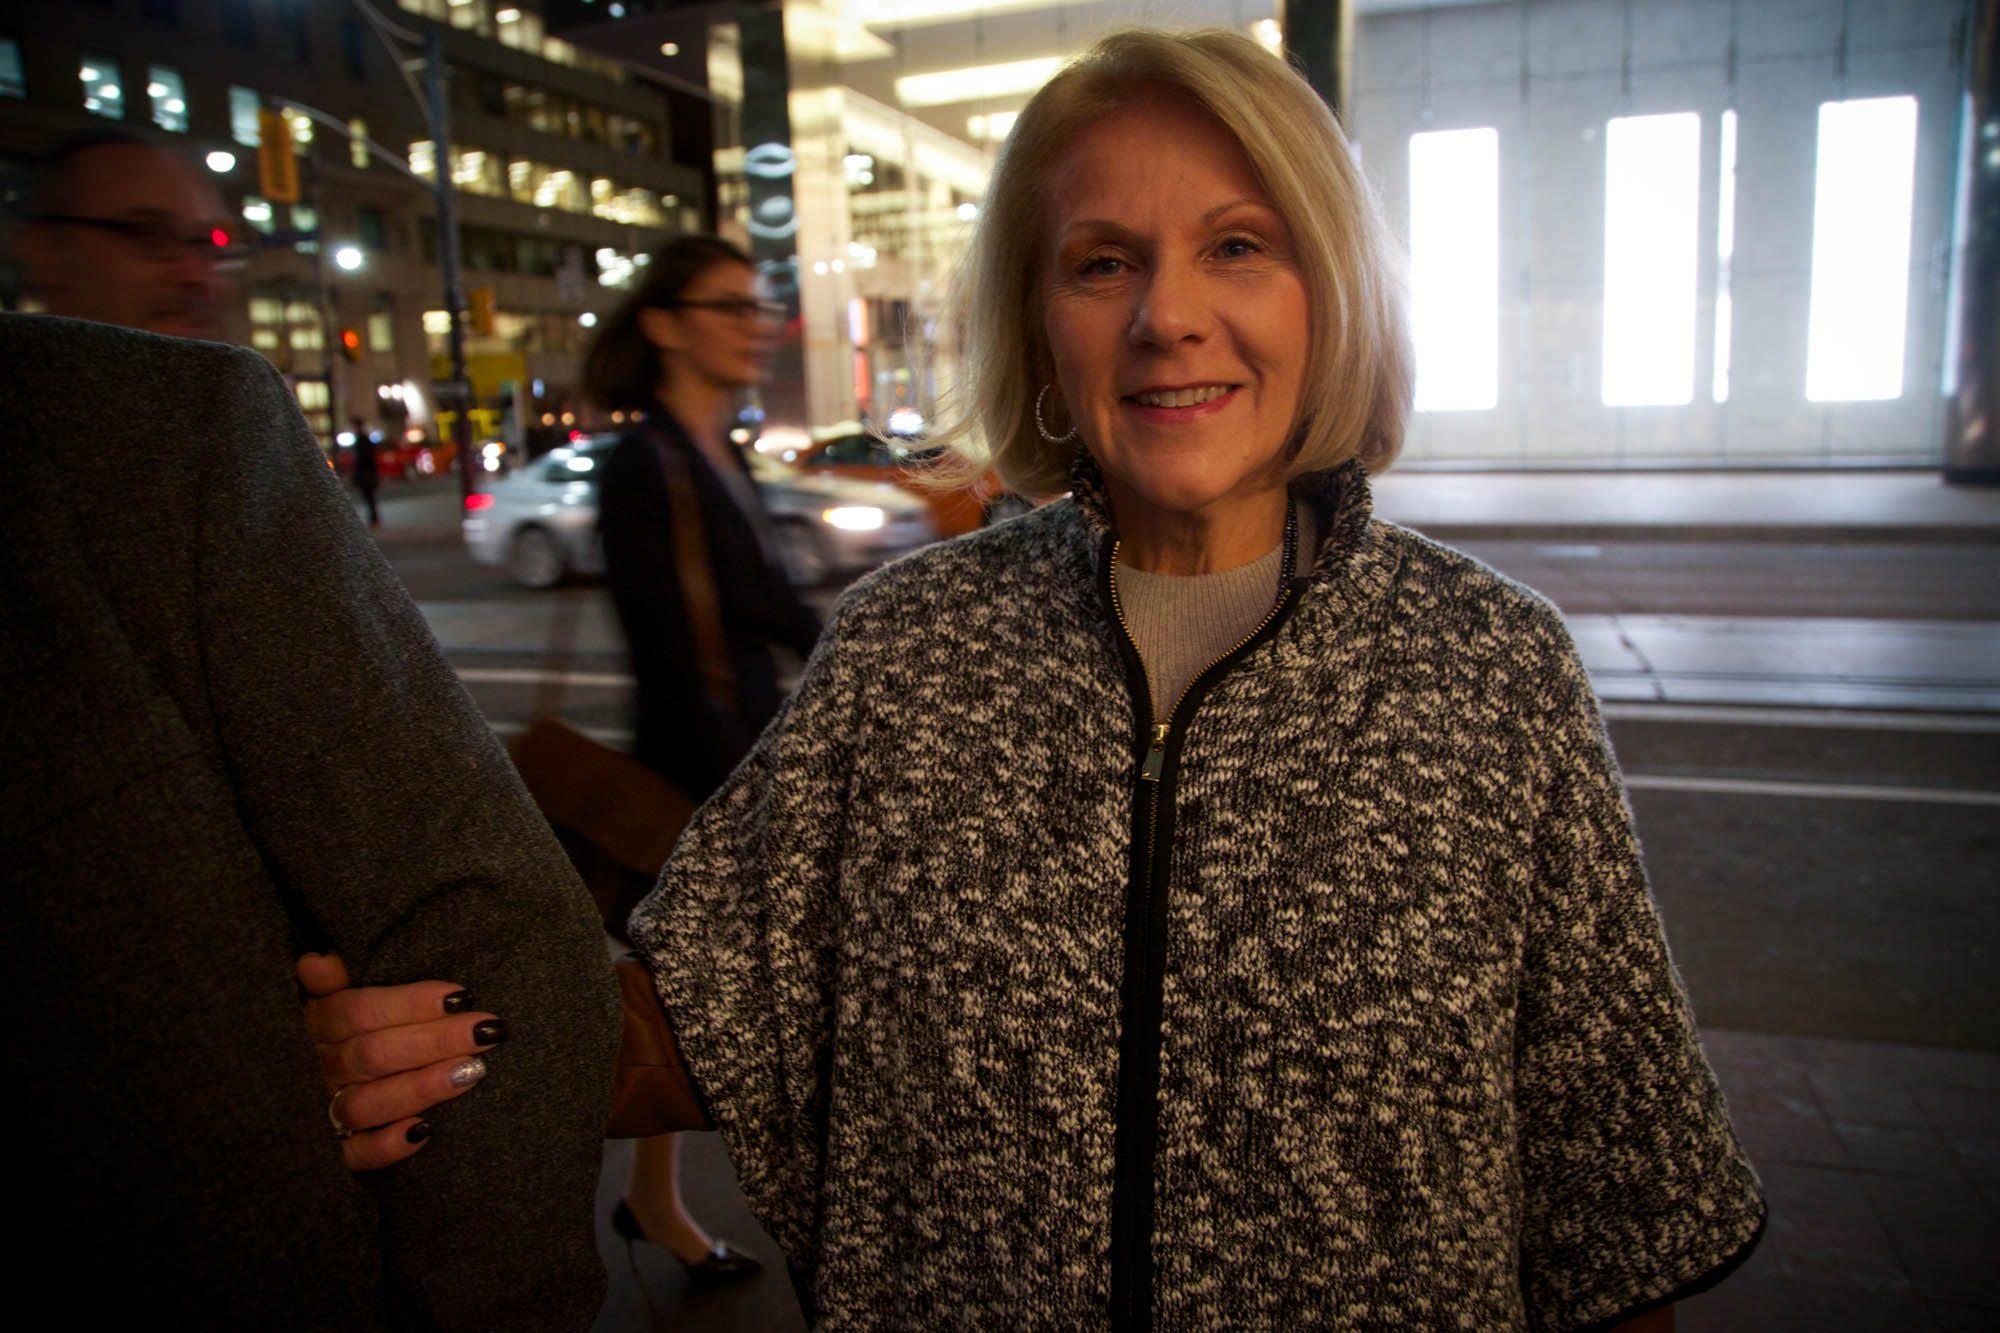 trump-tower-streeter-RosemaryAppleby